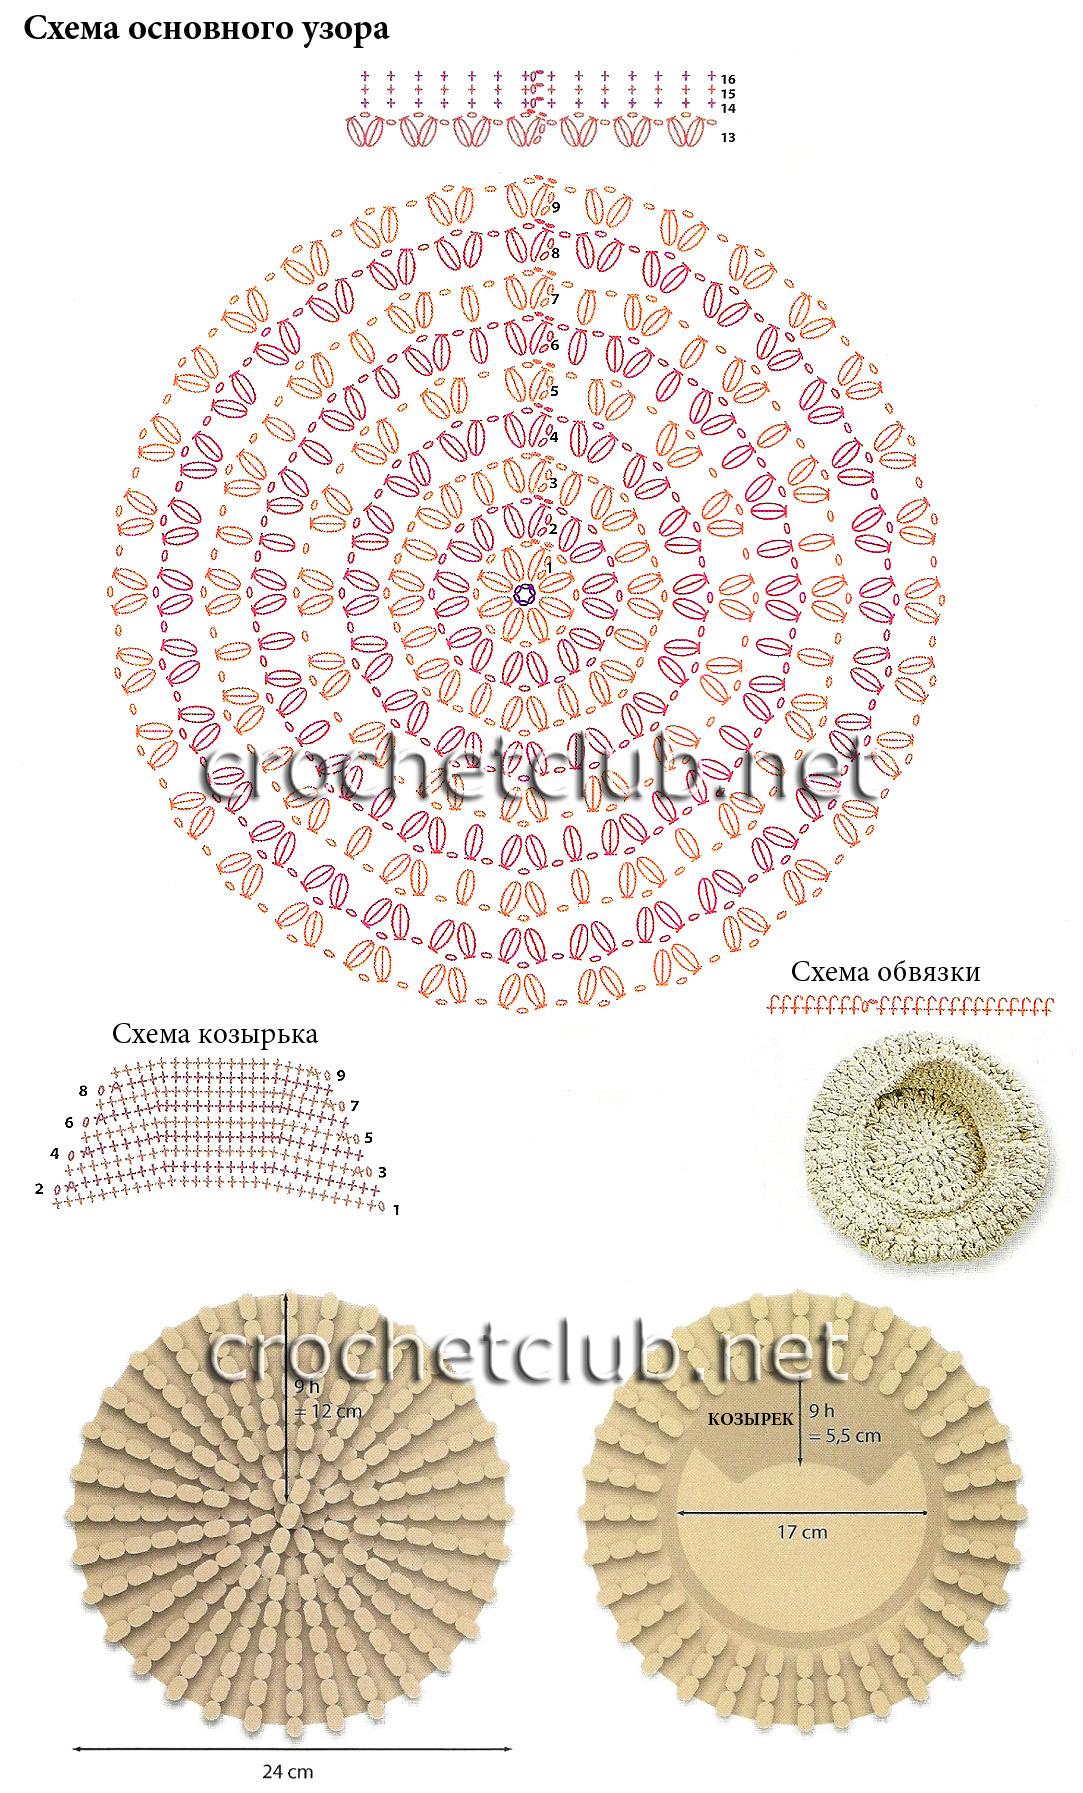 Вязание крючком шапки с пышными столбиками крючком схемы